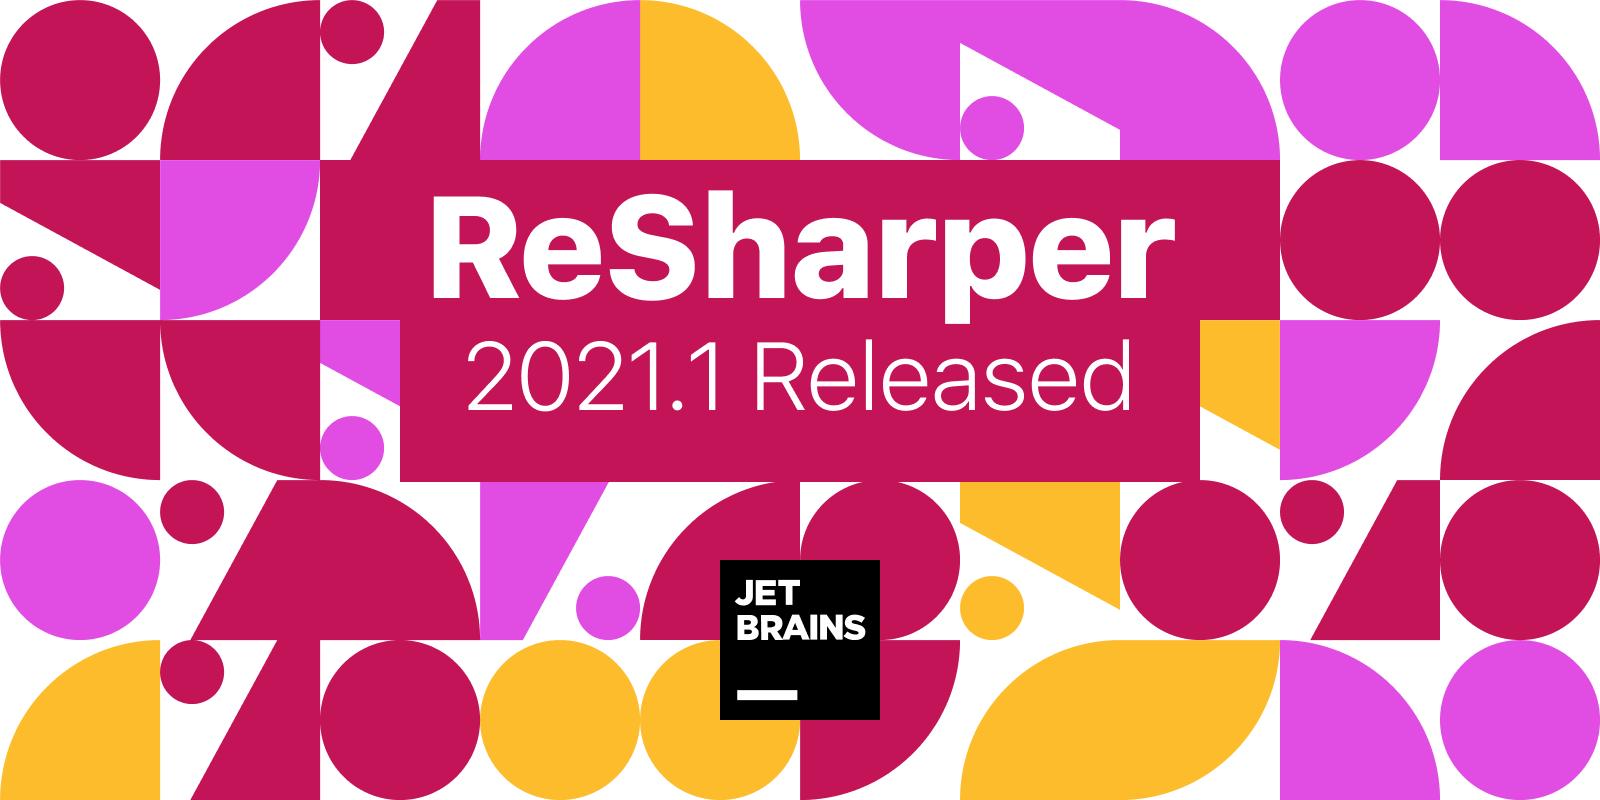 ReSharper 2021.1